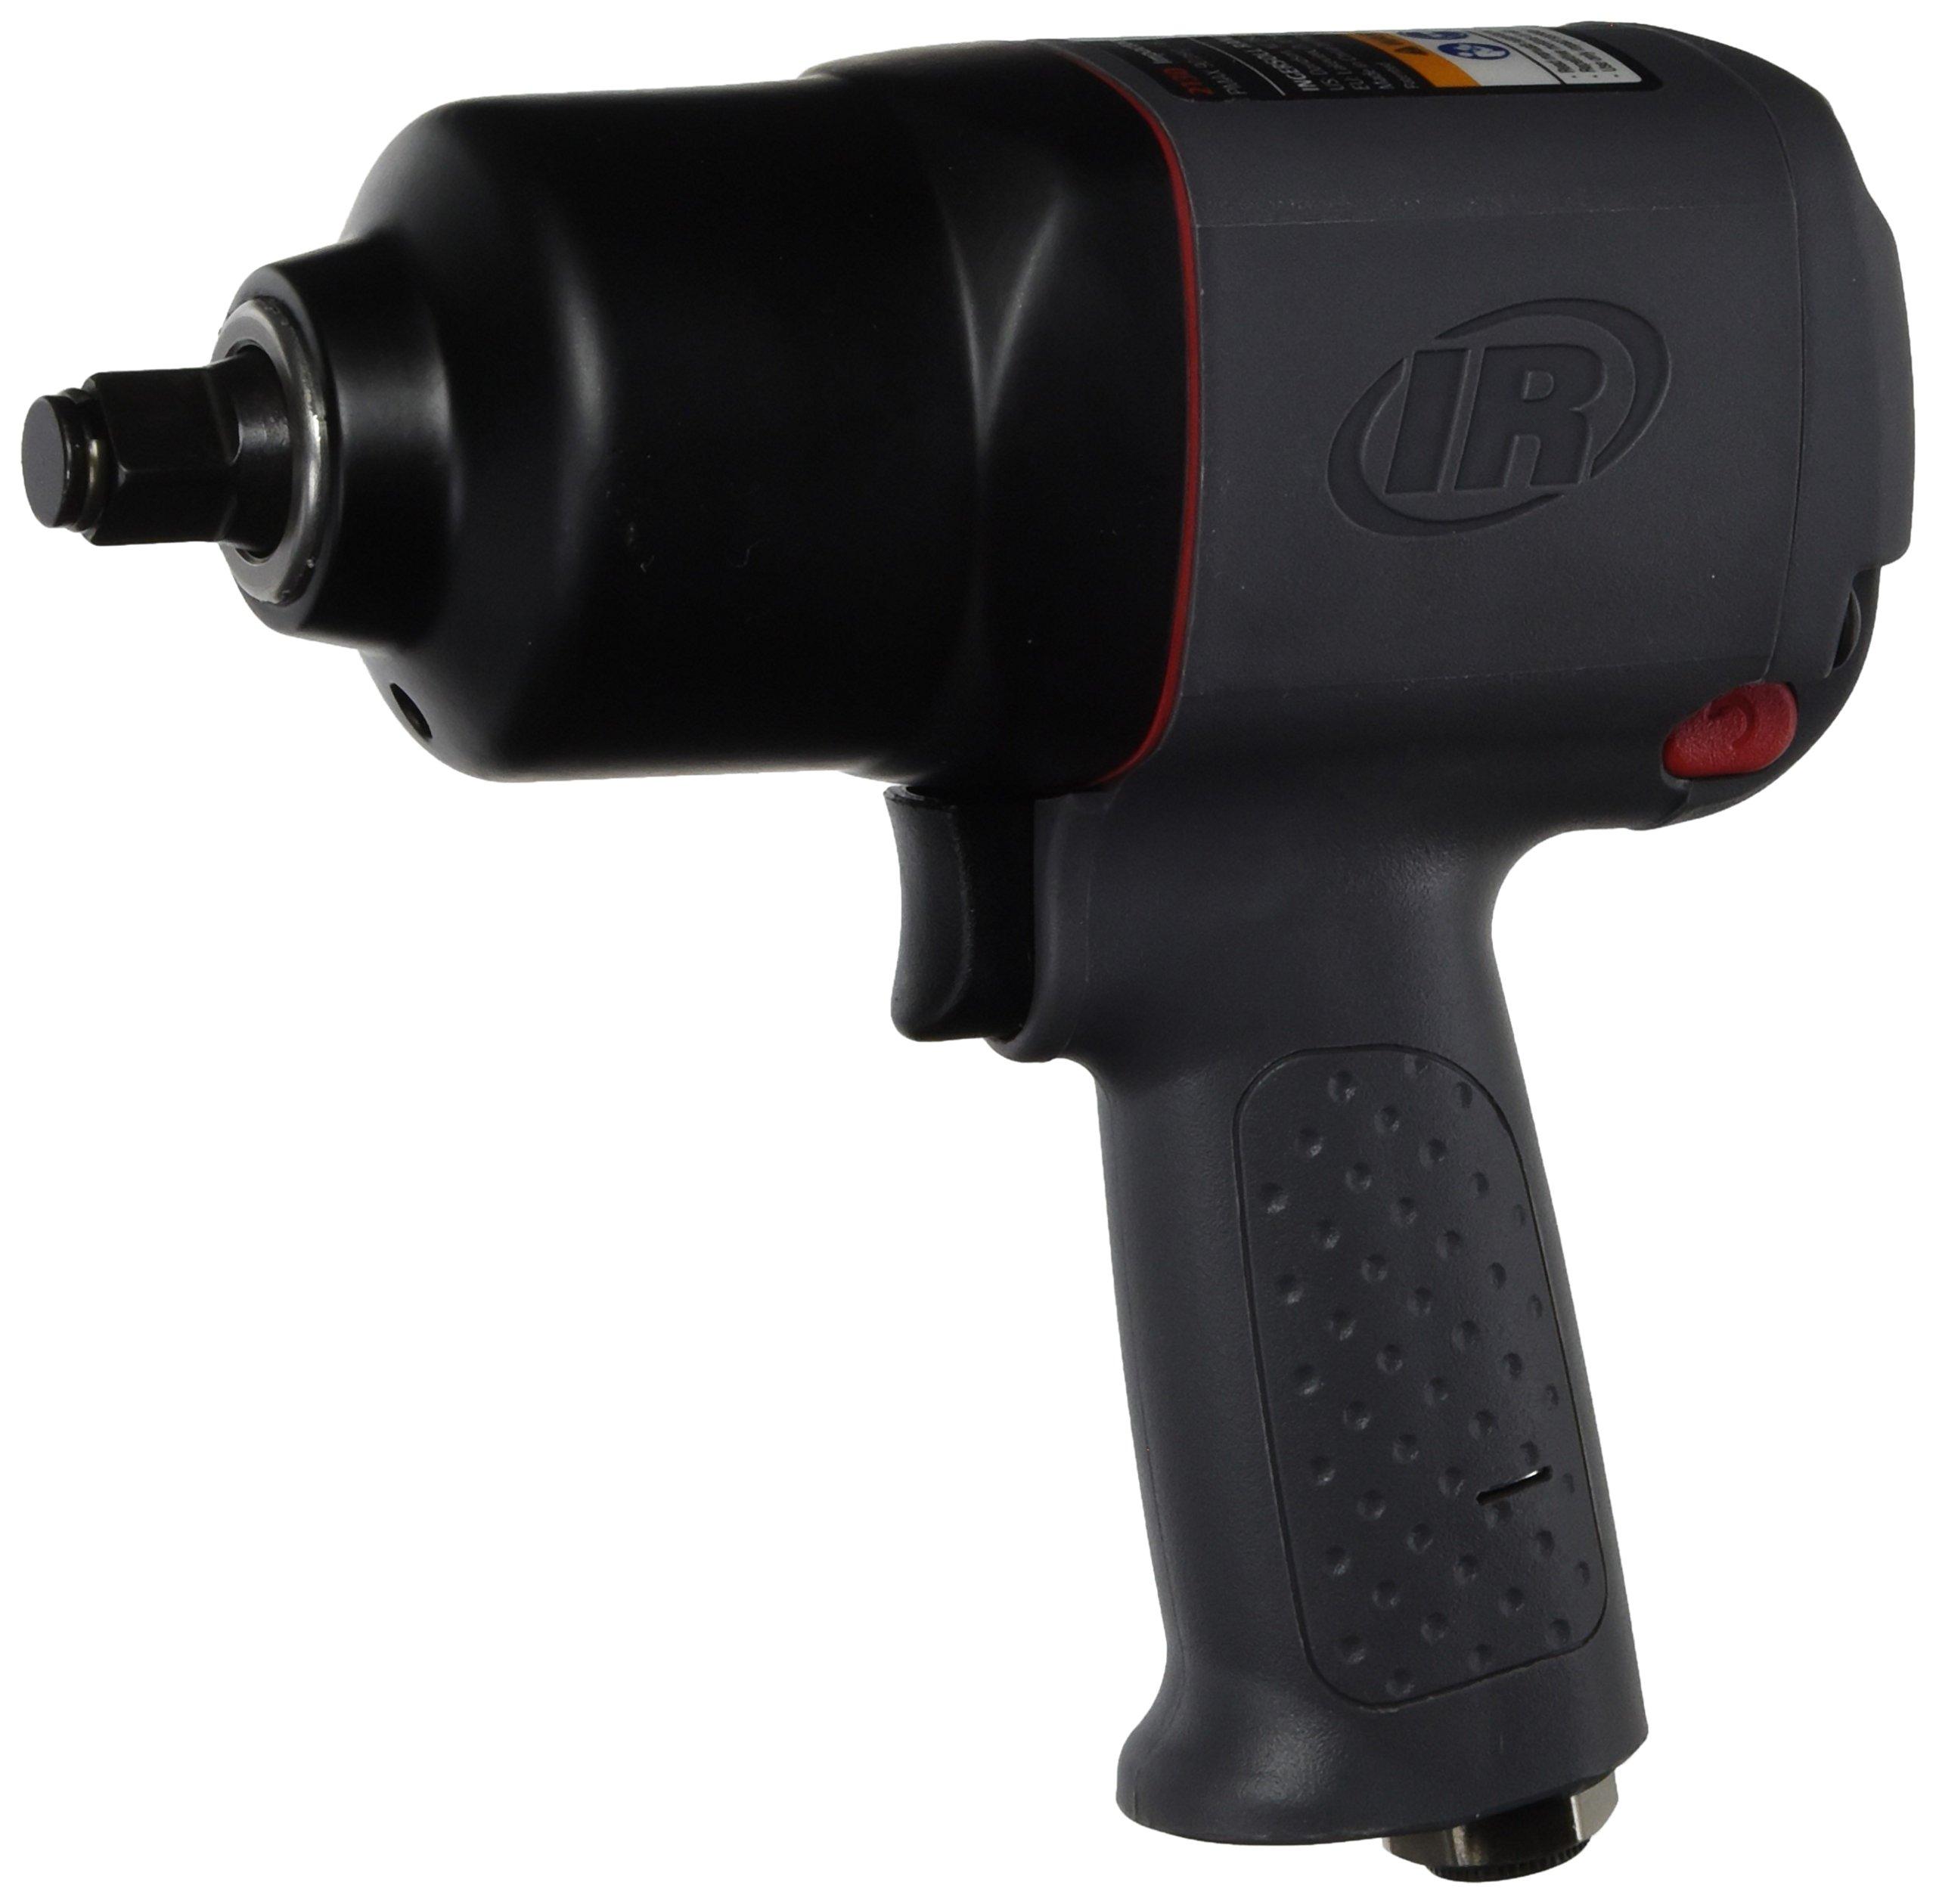 Ingersoll Rand 2130 2 Inch Heavy Duty Impact